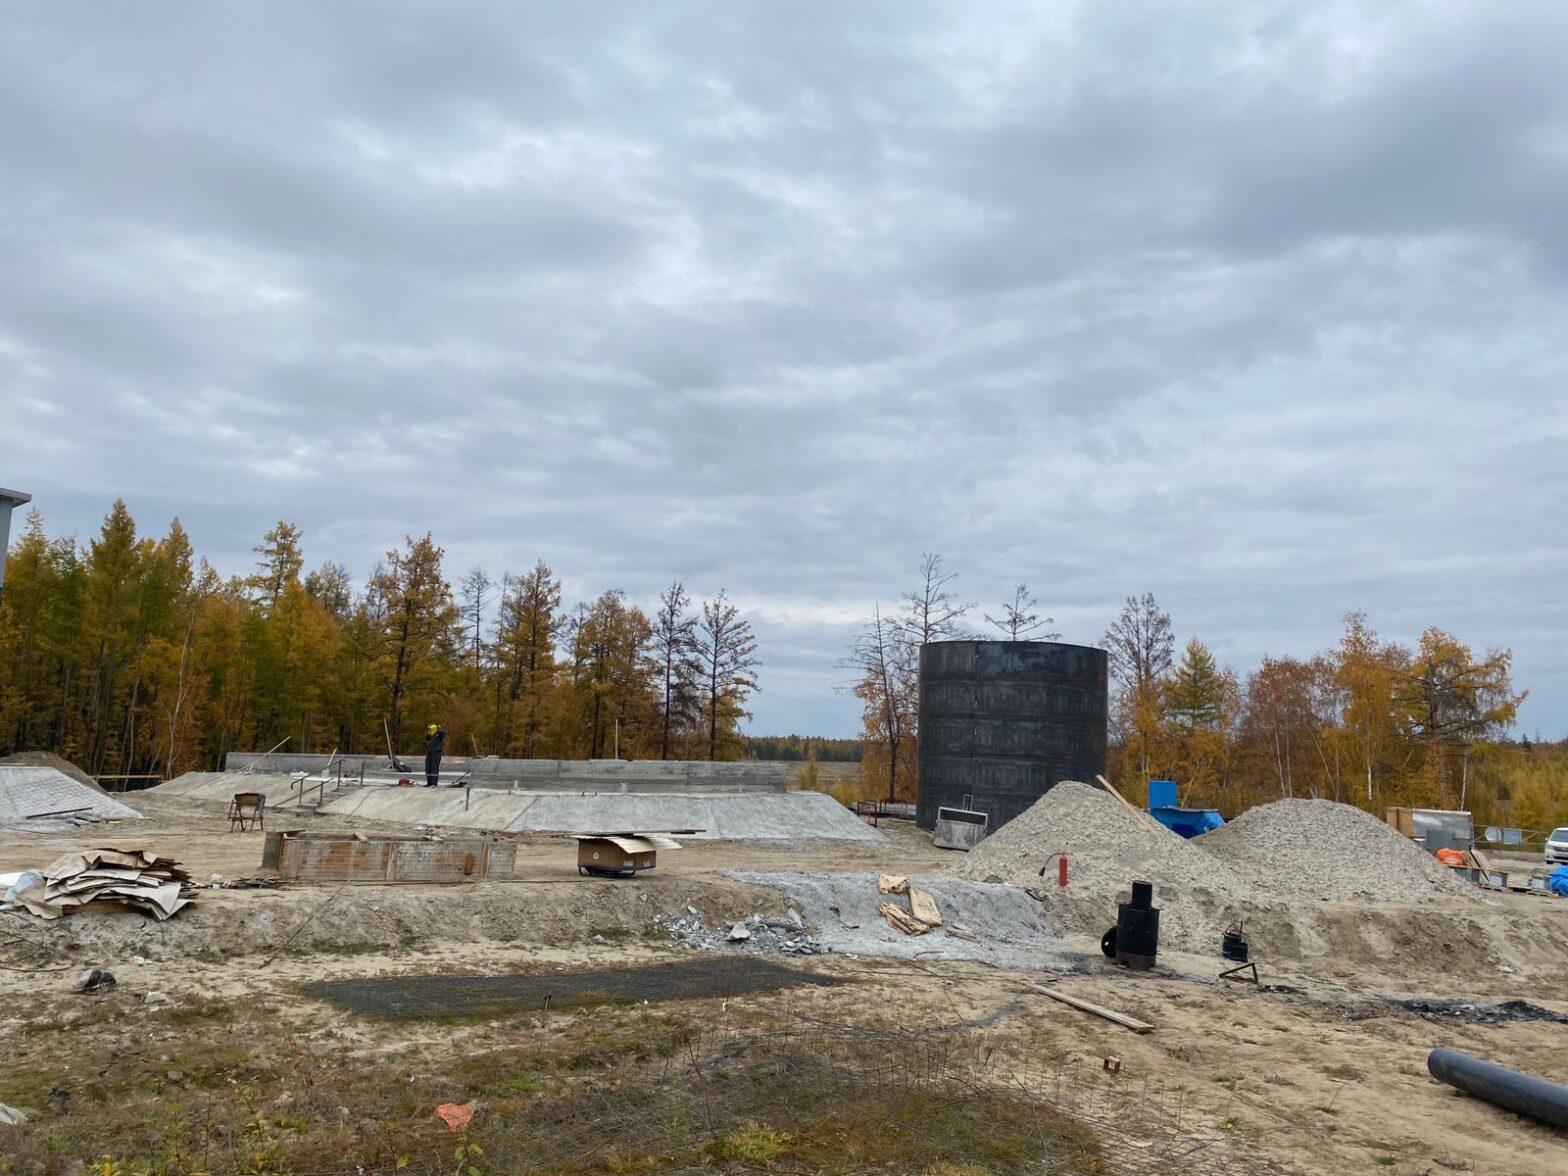 Новая водоочистная станция обеспечит питьевой водой семь тысяч жителей Бердигестяха в Якутии